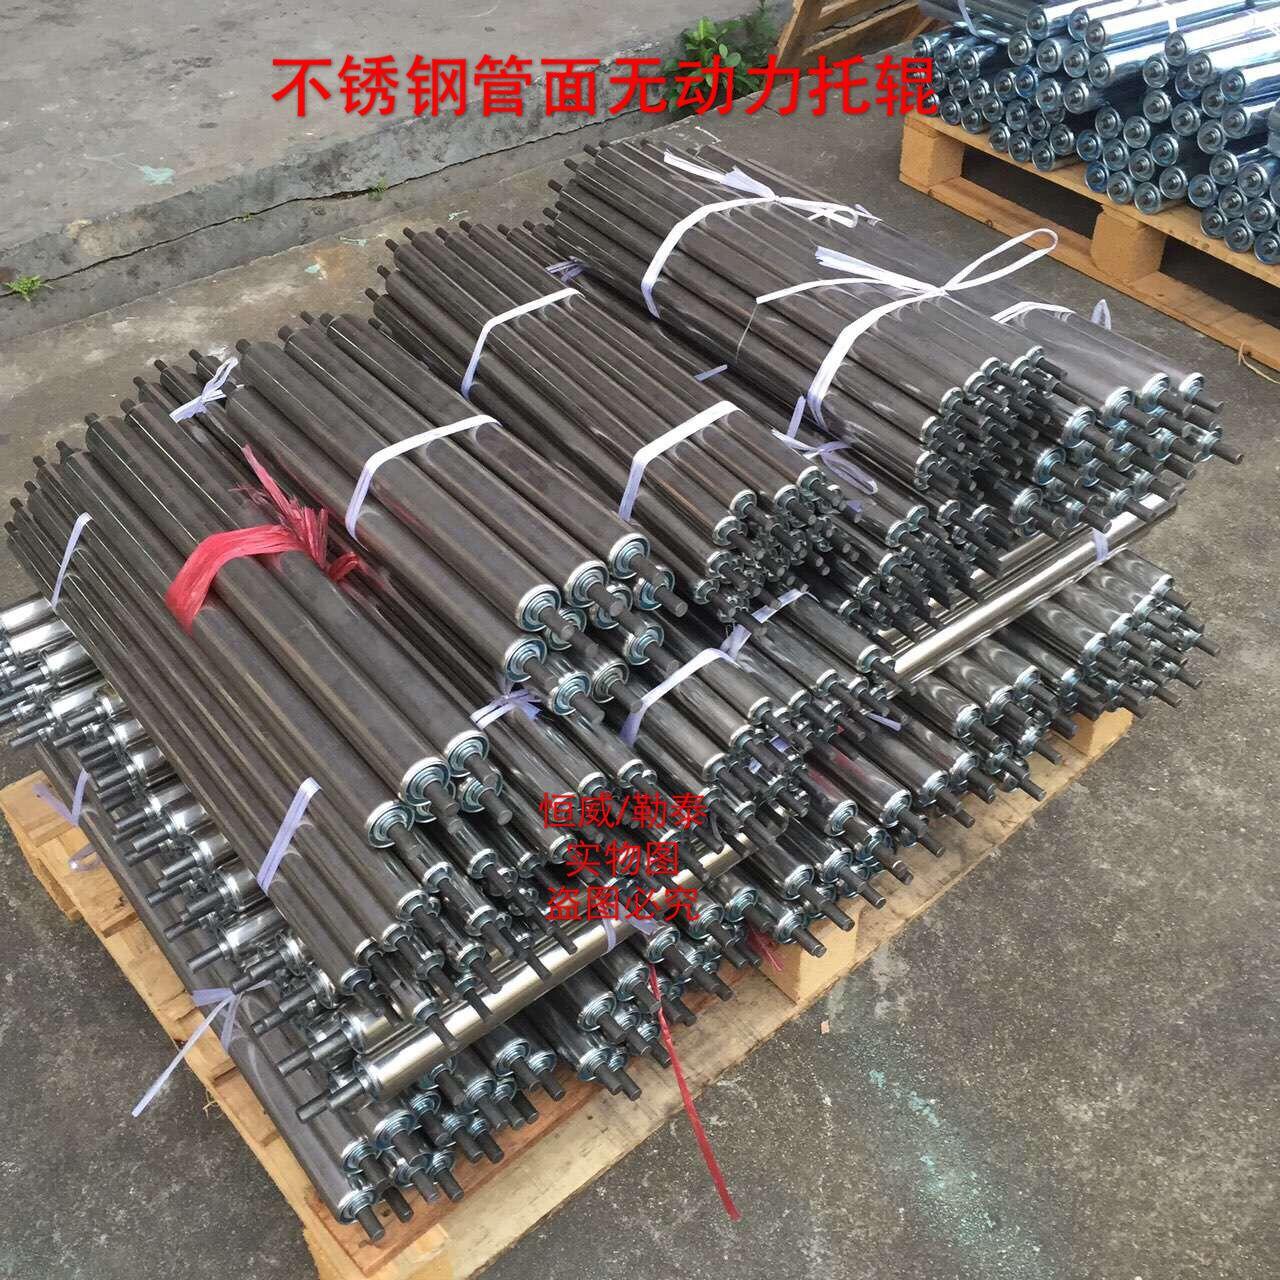 流水线不锈钢托滚镀锌滚轮无动力螺纹滚轴传送带辊筒托辊滚筒滚轮